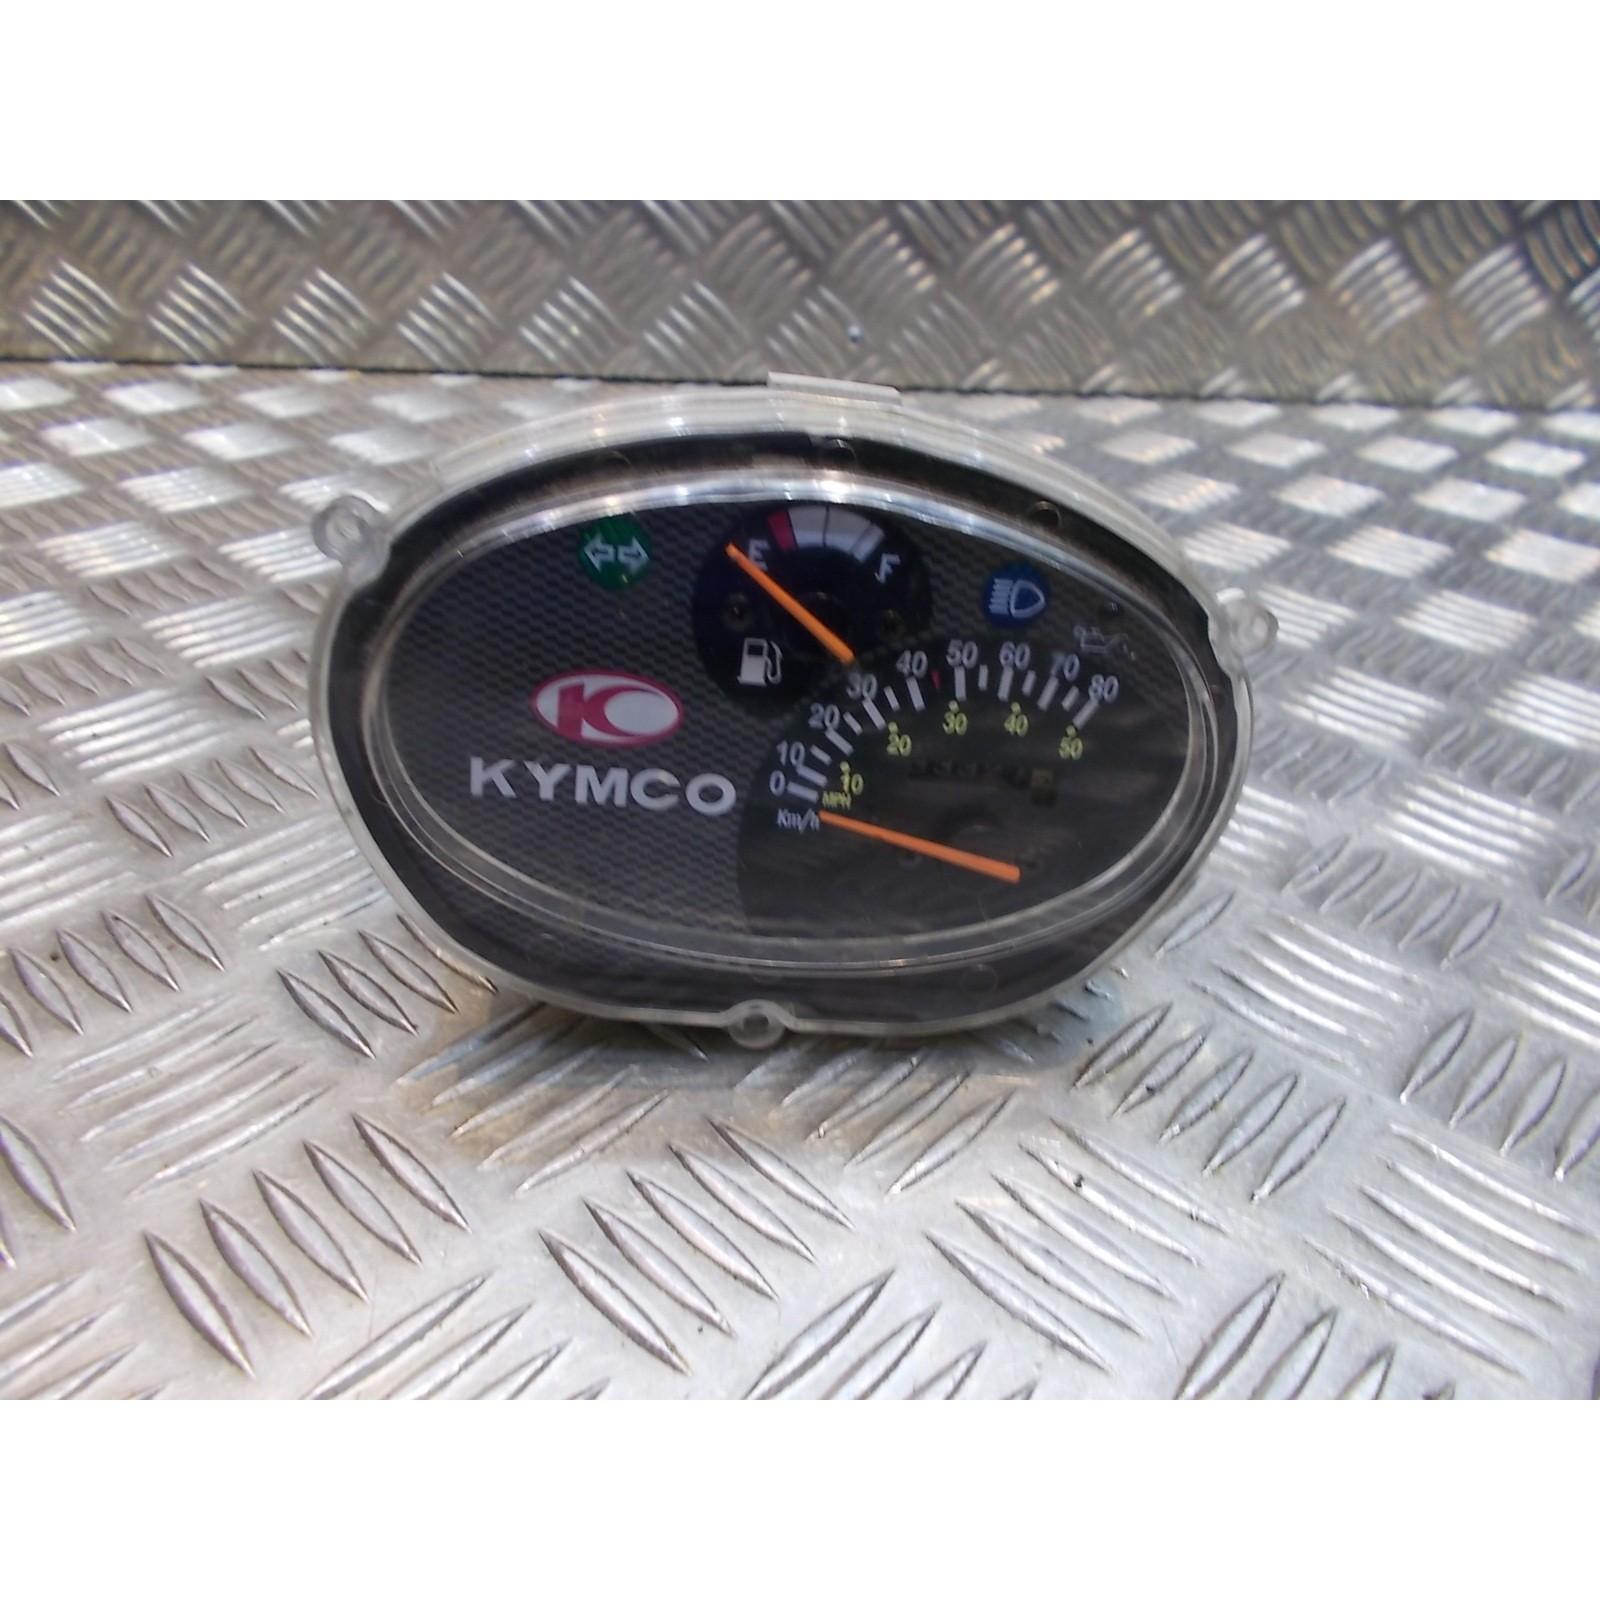 compteur vitesse tableau bord scooter kymco 50 super 9 2 temps